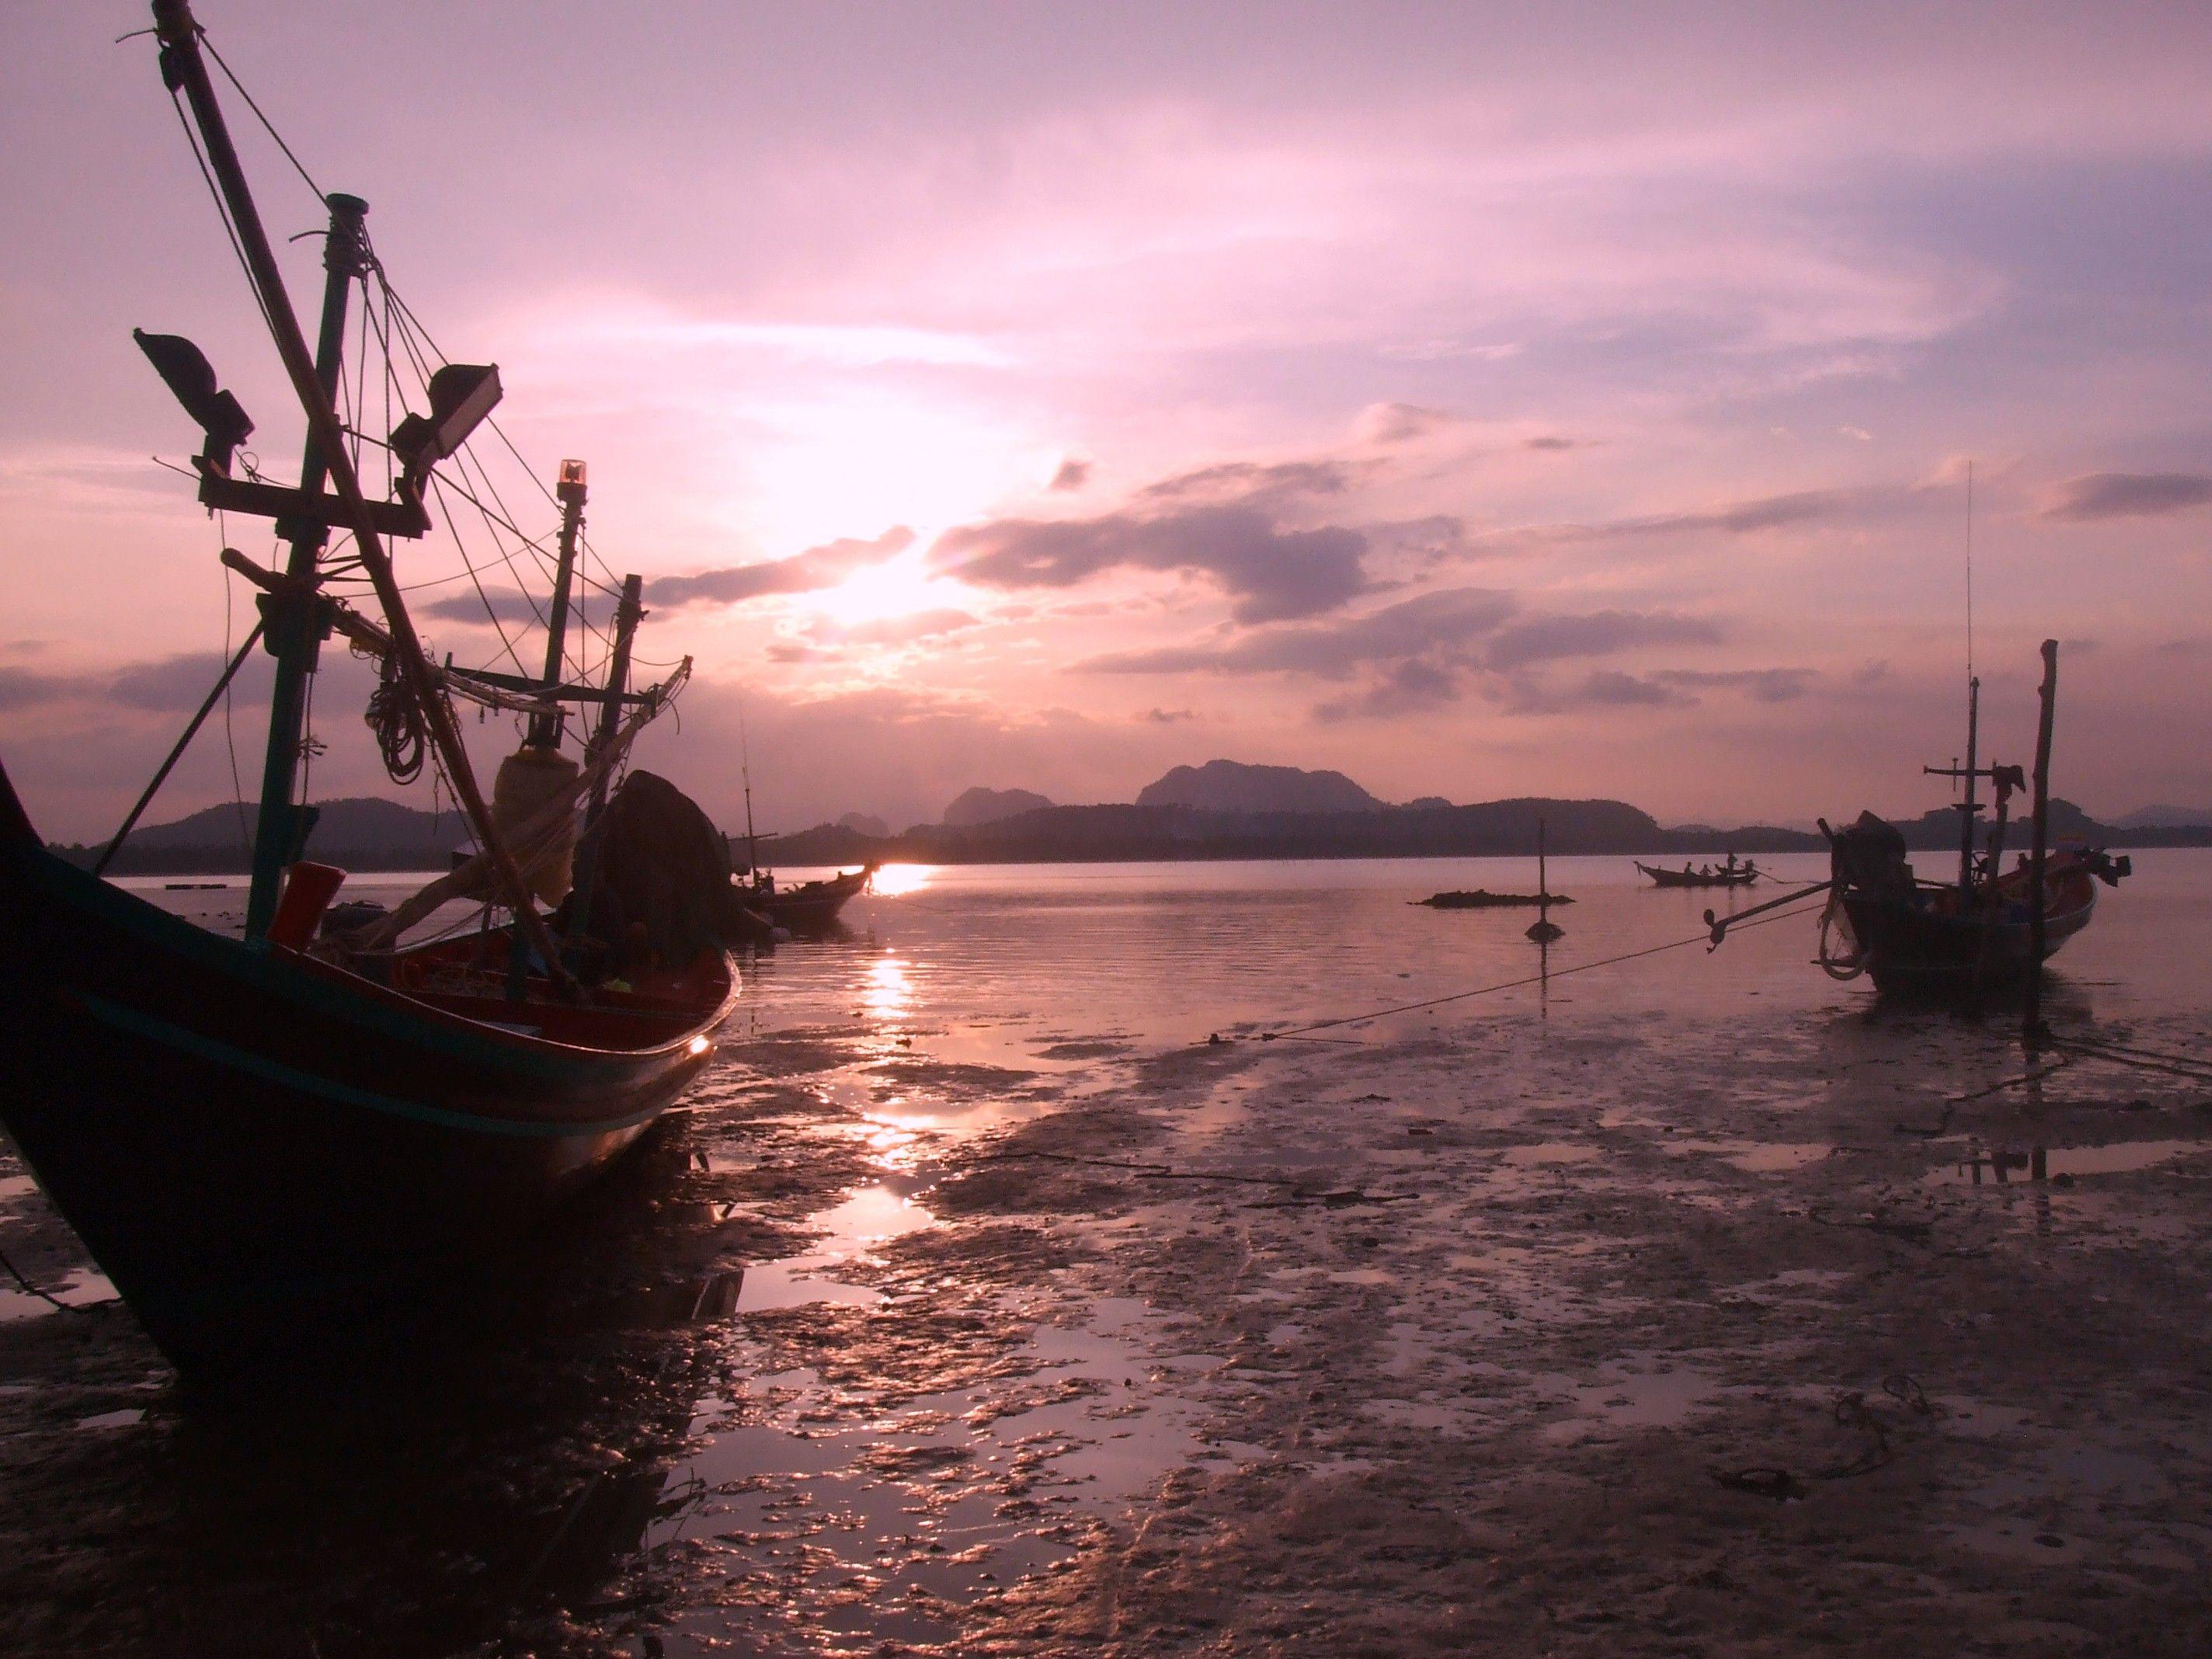 Koh Pitak, Thailand 2010